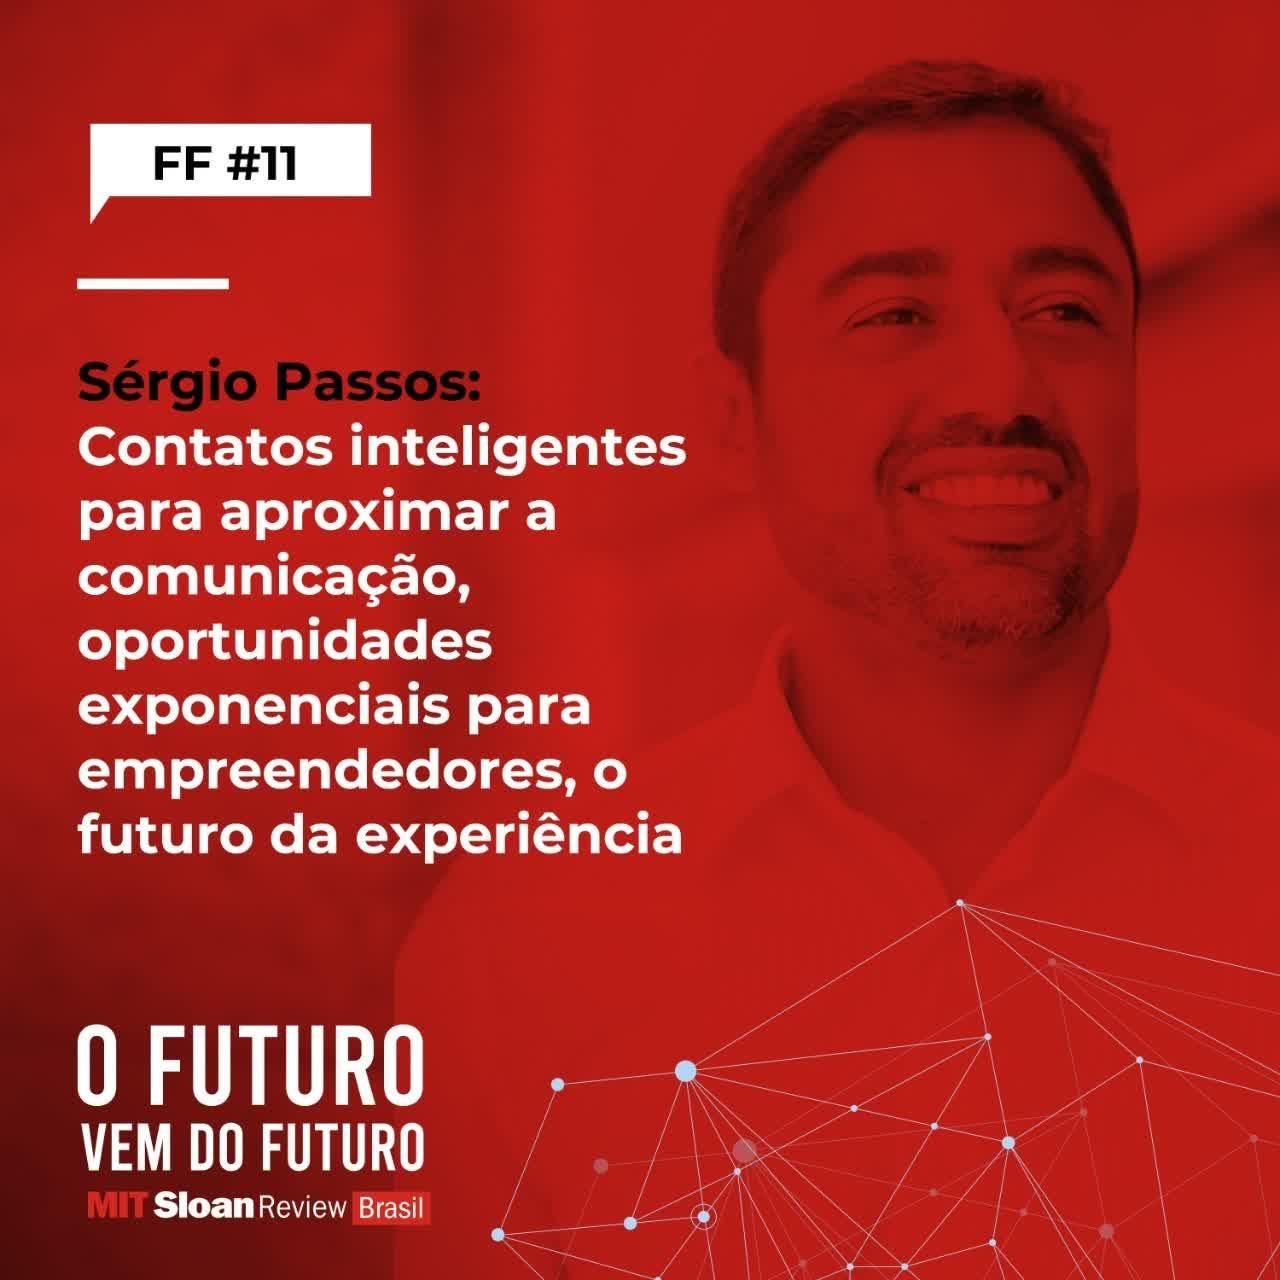 #11 - Sérgio Passos: Contatos inteligentes para aproximar a comunicação, oportunidades exponenciais para empreendedores, o futuro da experiência